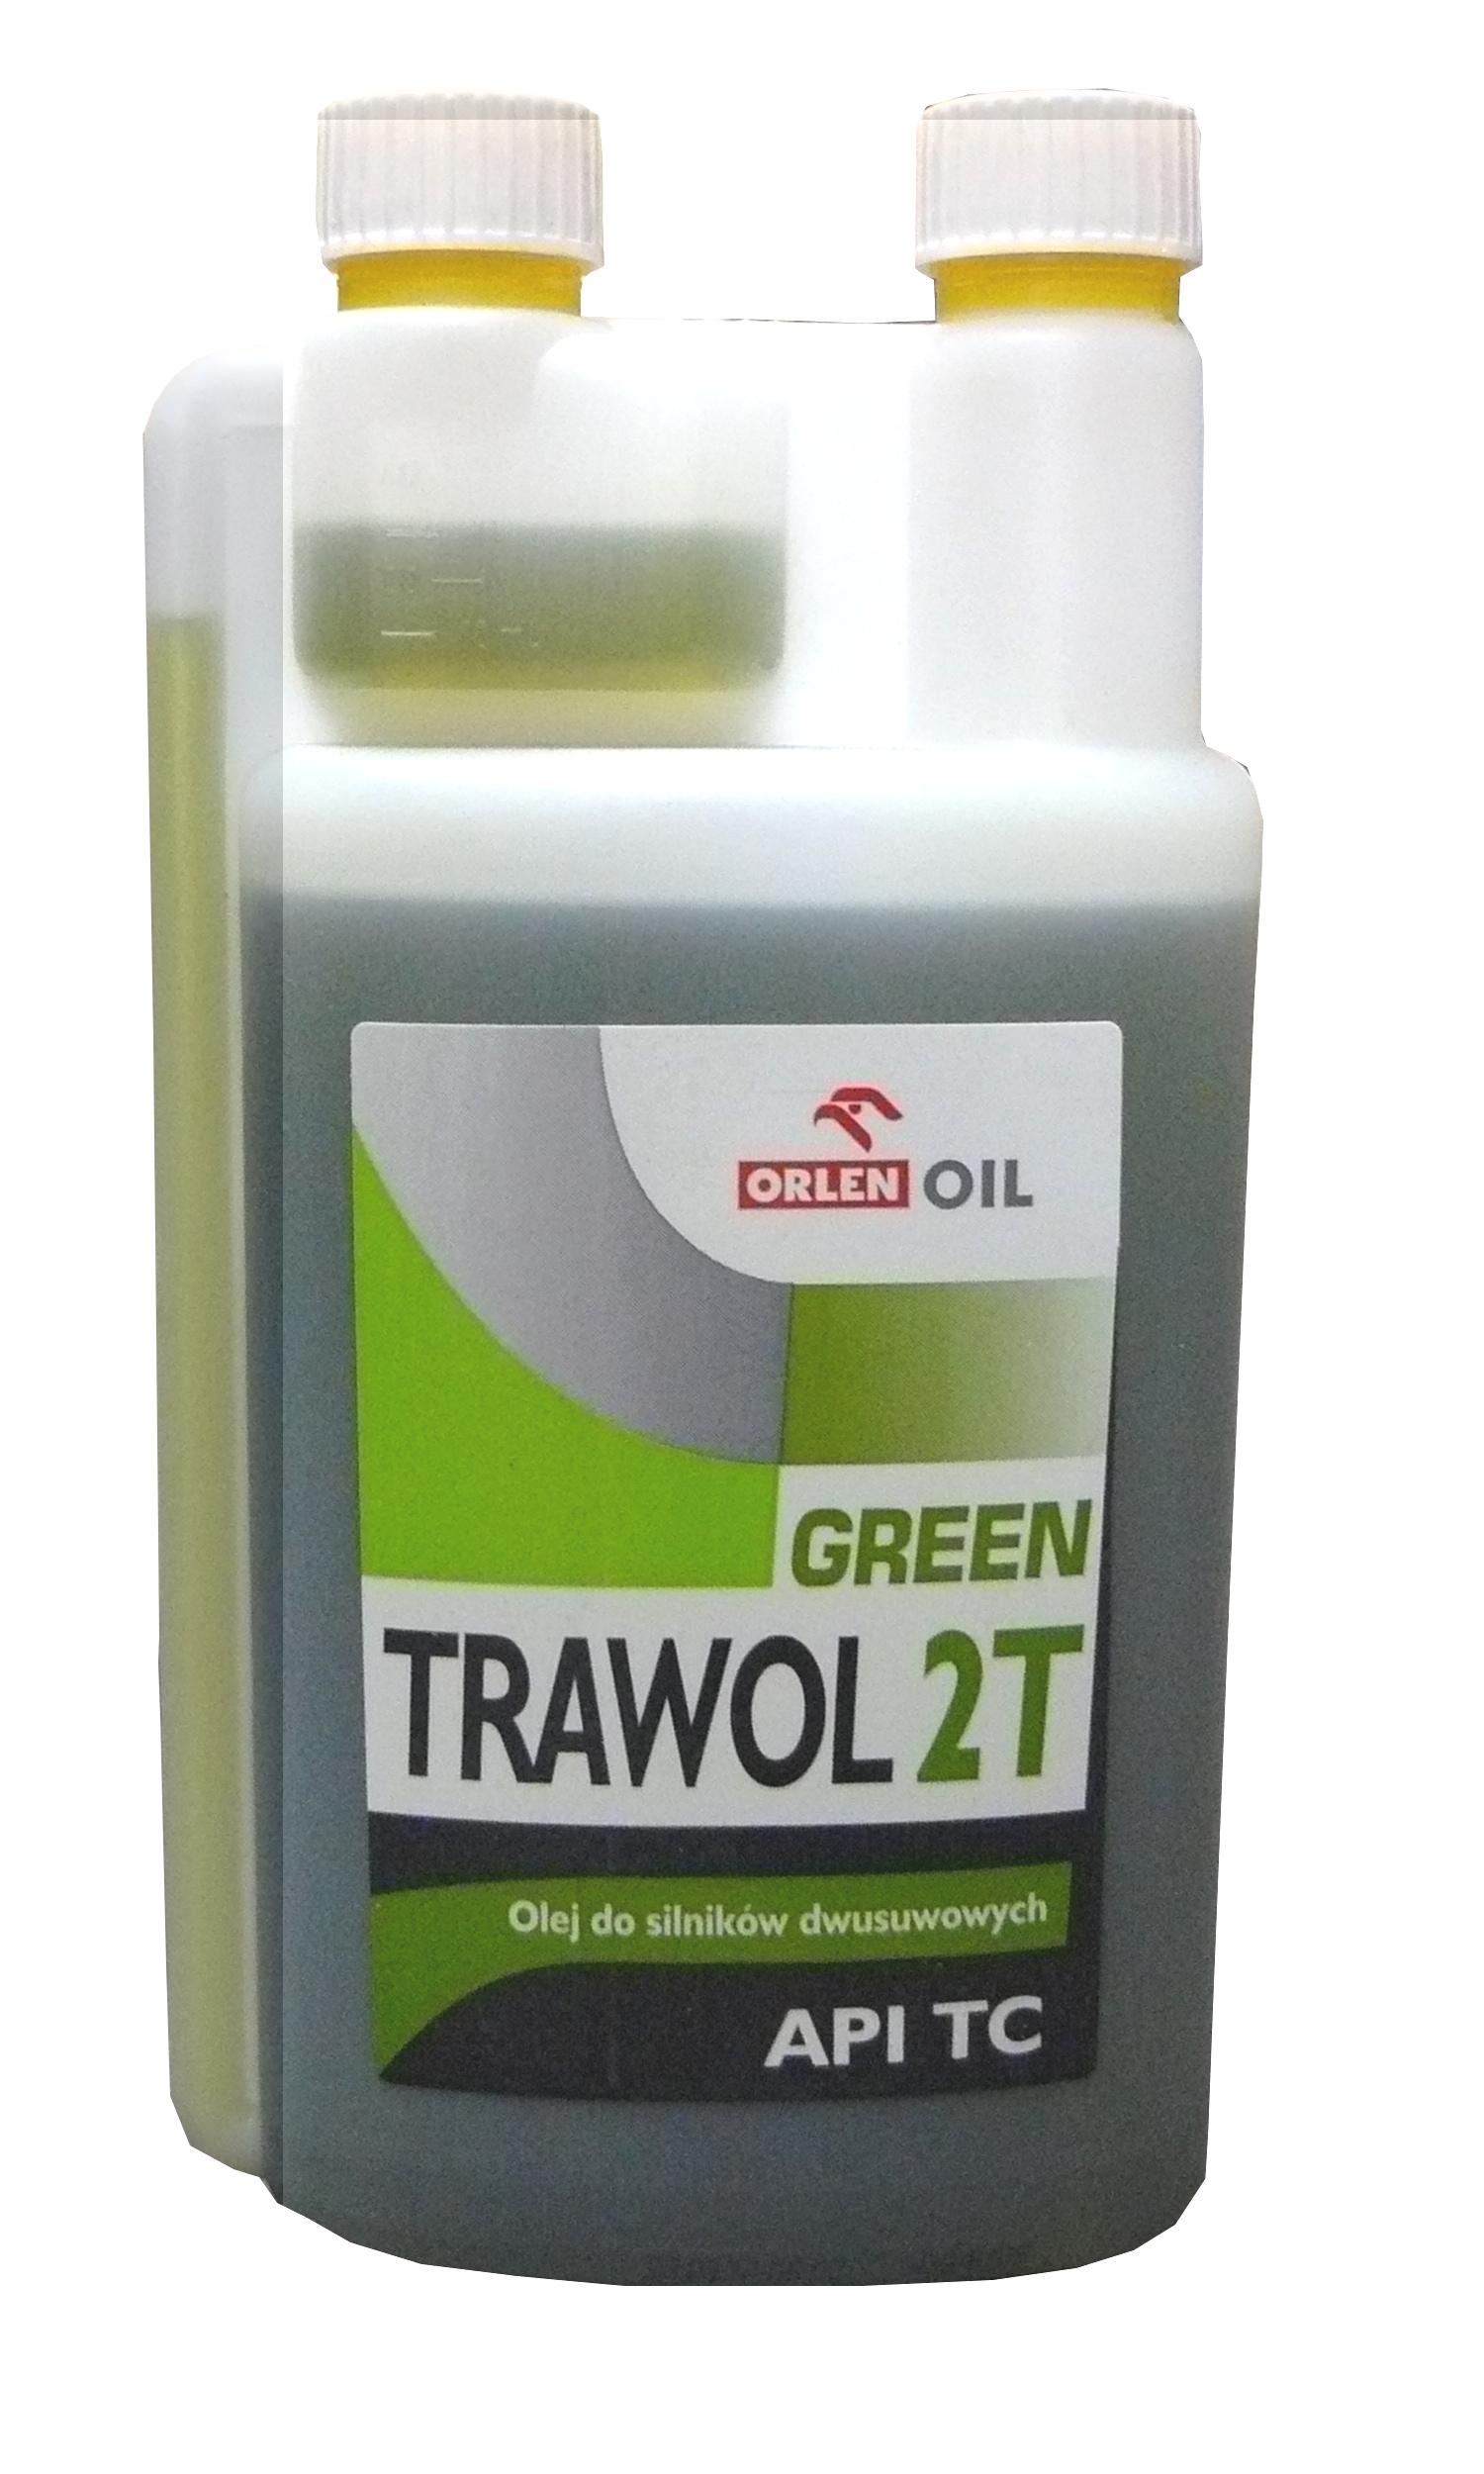 ORLEN OIL TRAWOL 2T ZIELONY   1L M05